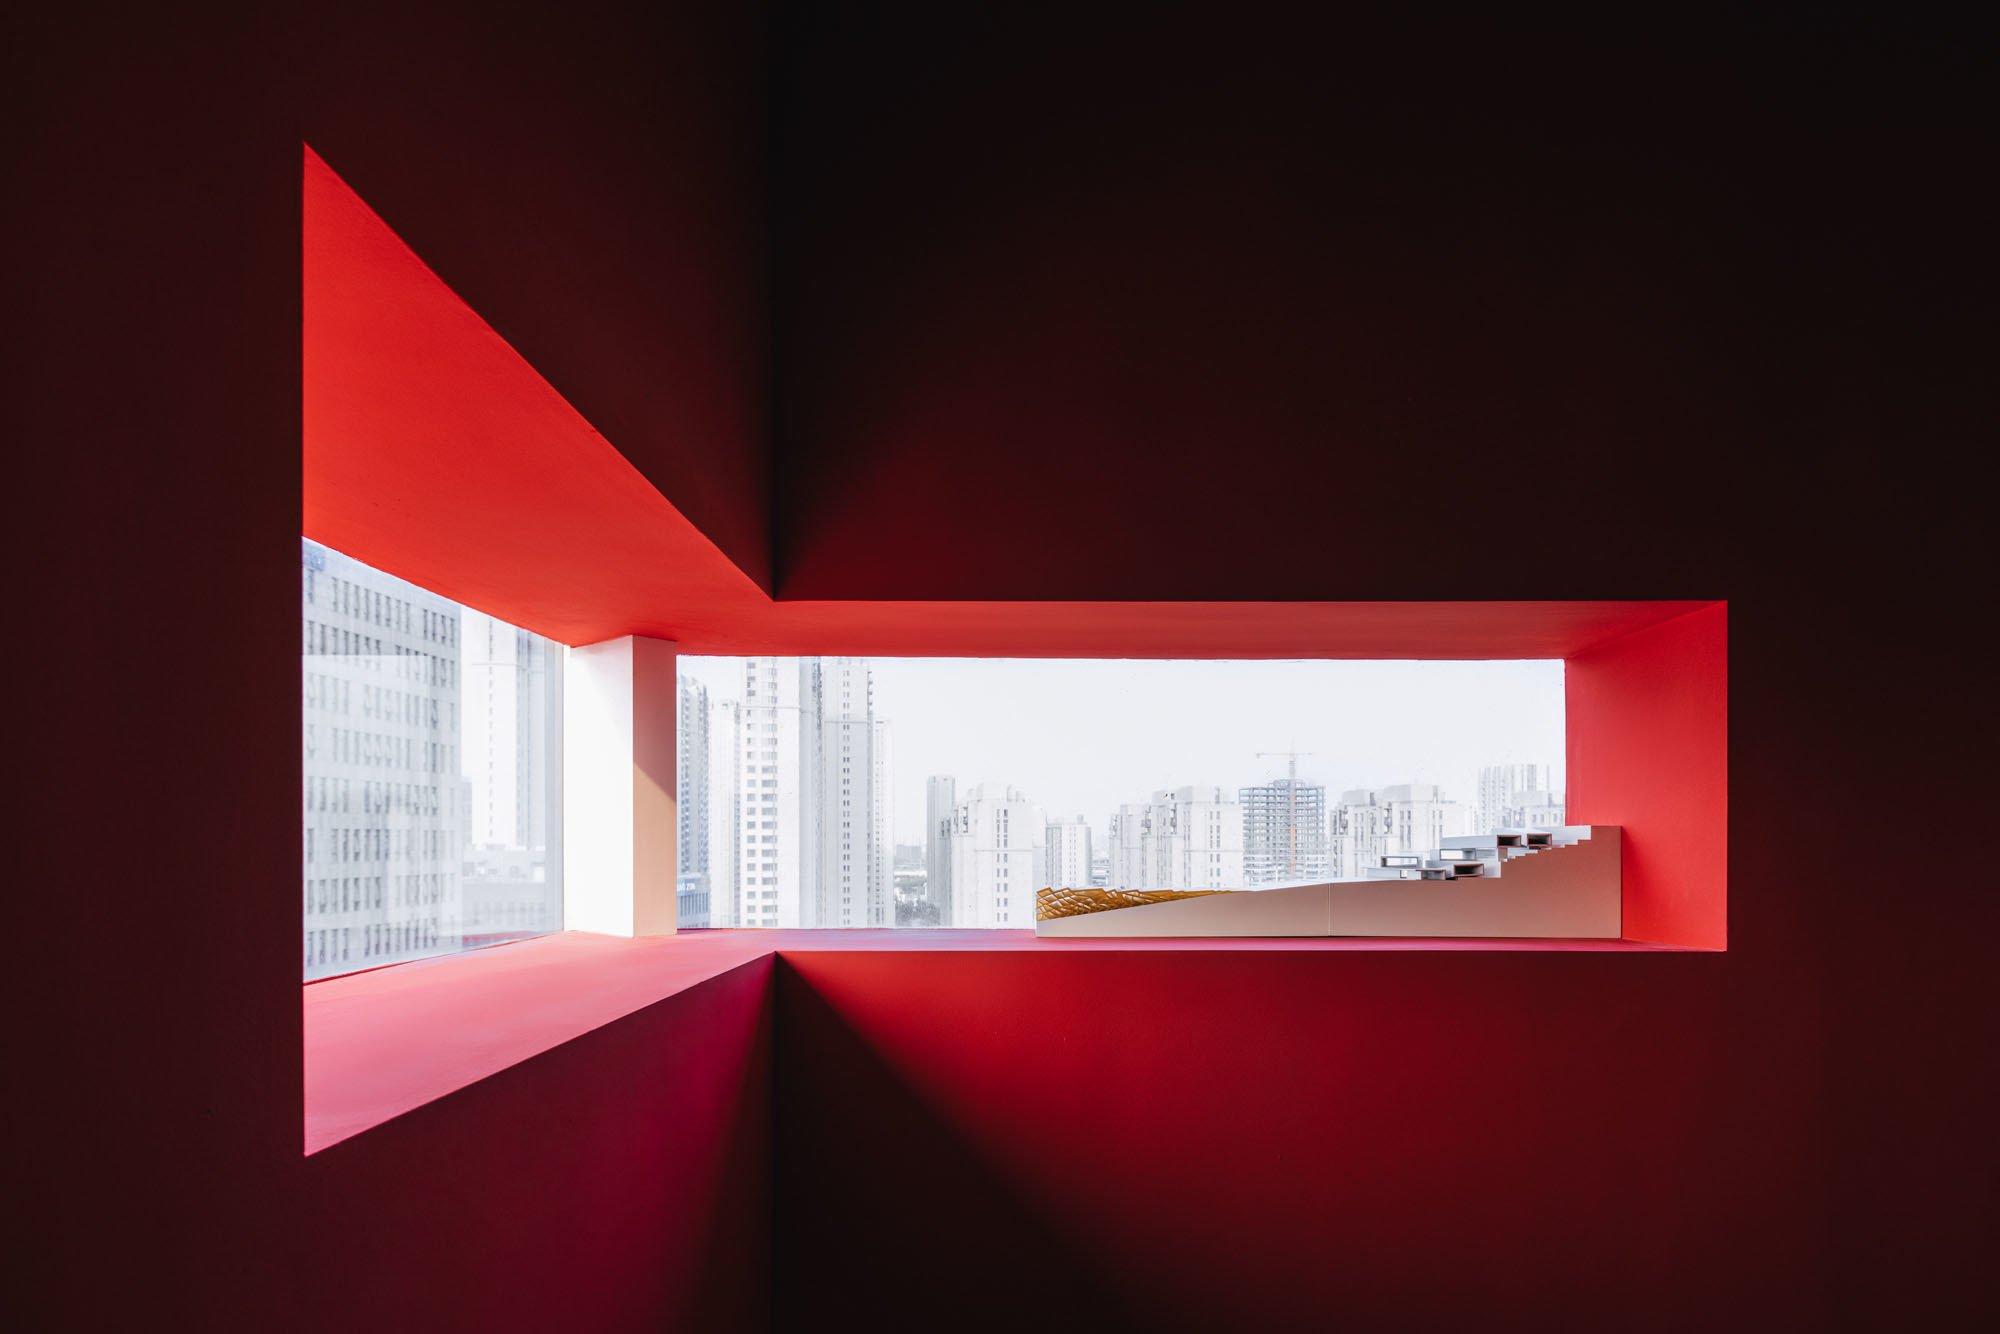 RoterOlympus-Raum: Schmale Fenster öffnen den Blick nach draußen auf die Skyline von Shanghai.